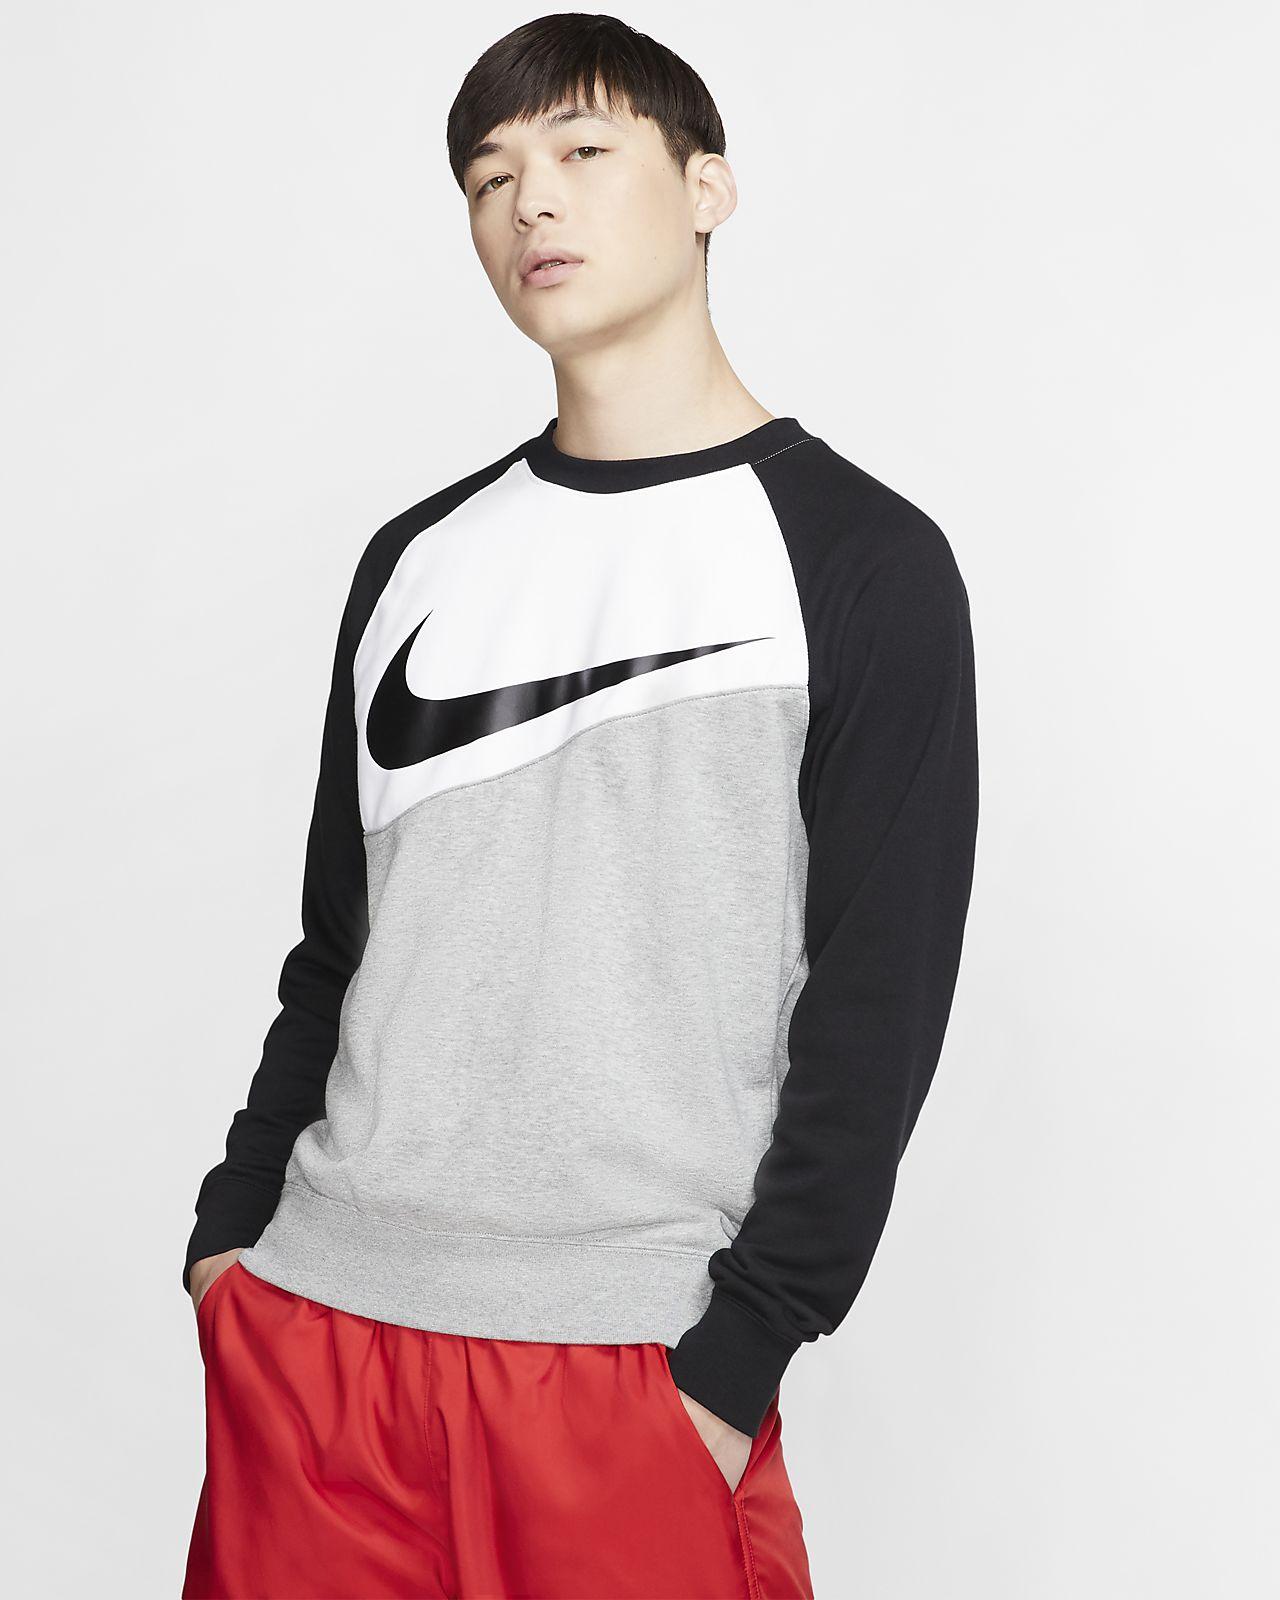 เสื้อคอกลม Swoosh ผู้ชาย Nike Sportswear